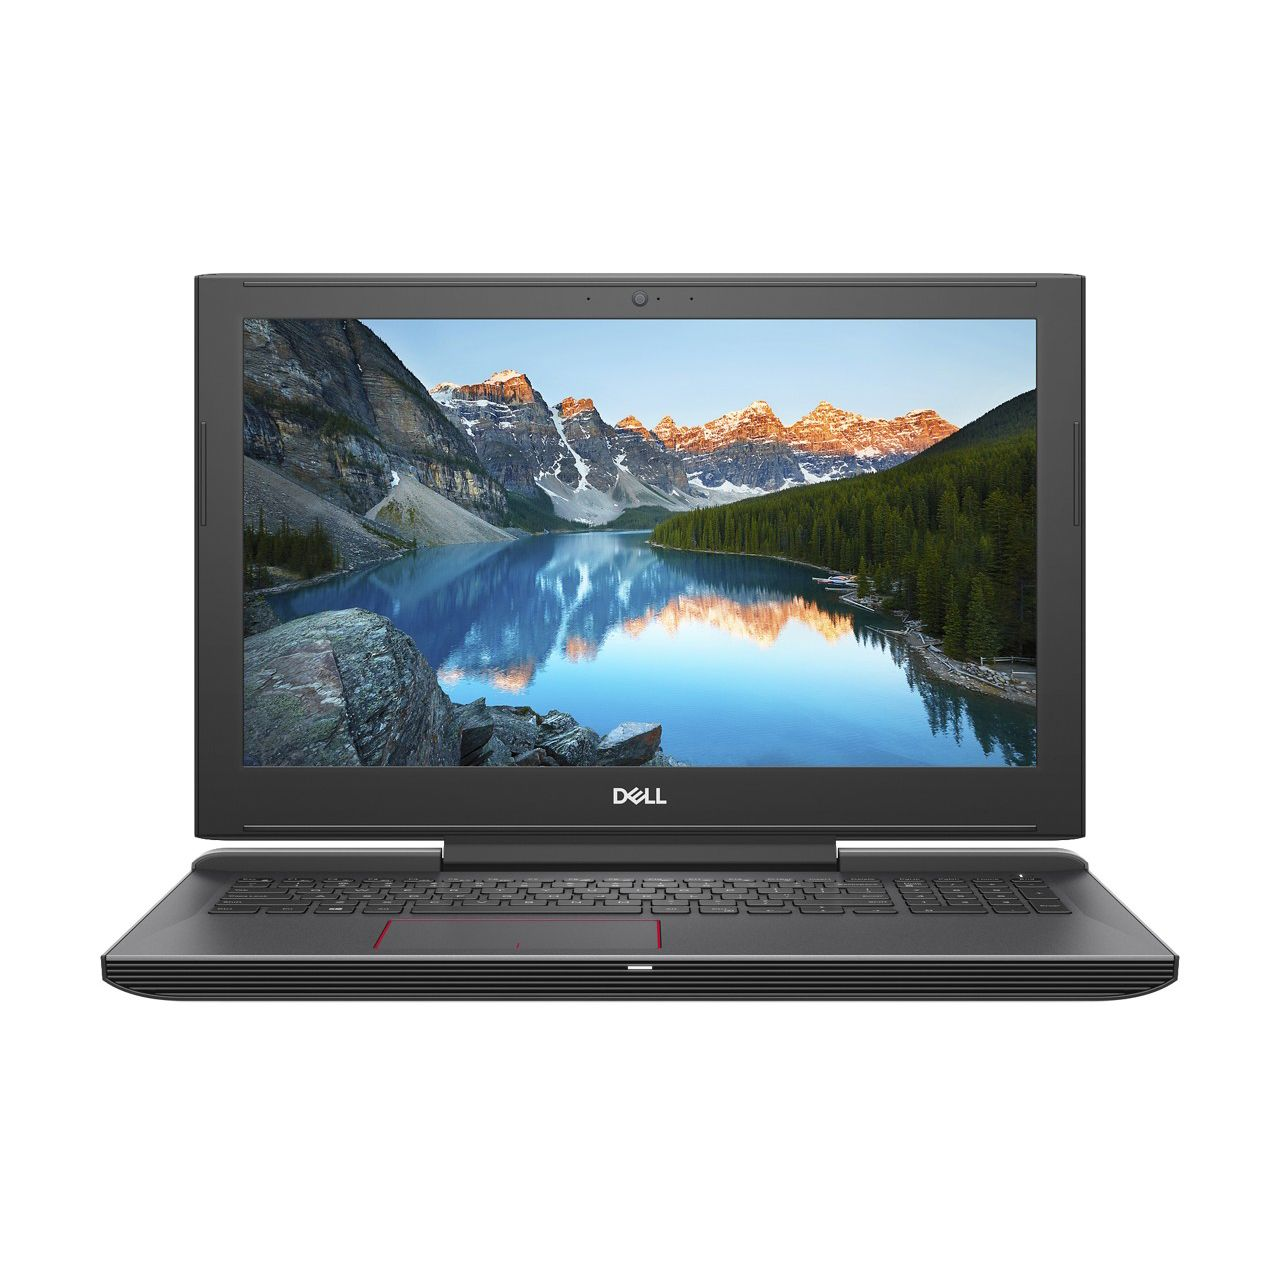 Notebook Dell Inspiron 7577 15.6 Full HD Intel Core i5-7300HQ GTX 1060-6GB RAM 8GB SSD 256GB Linux